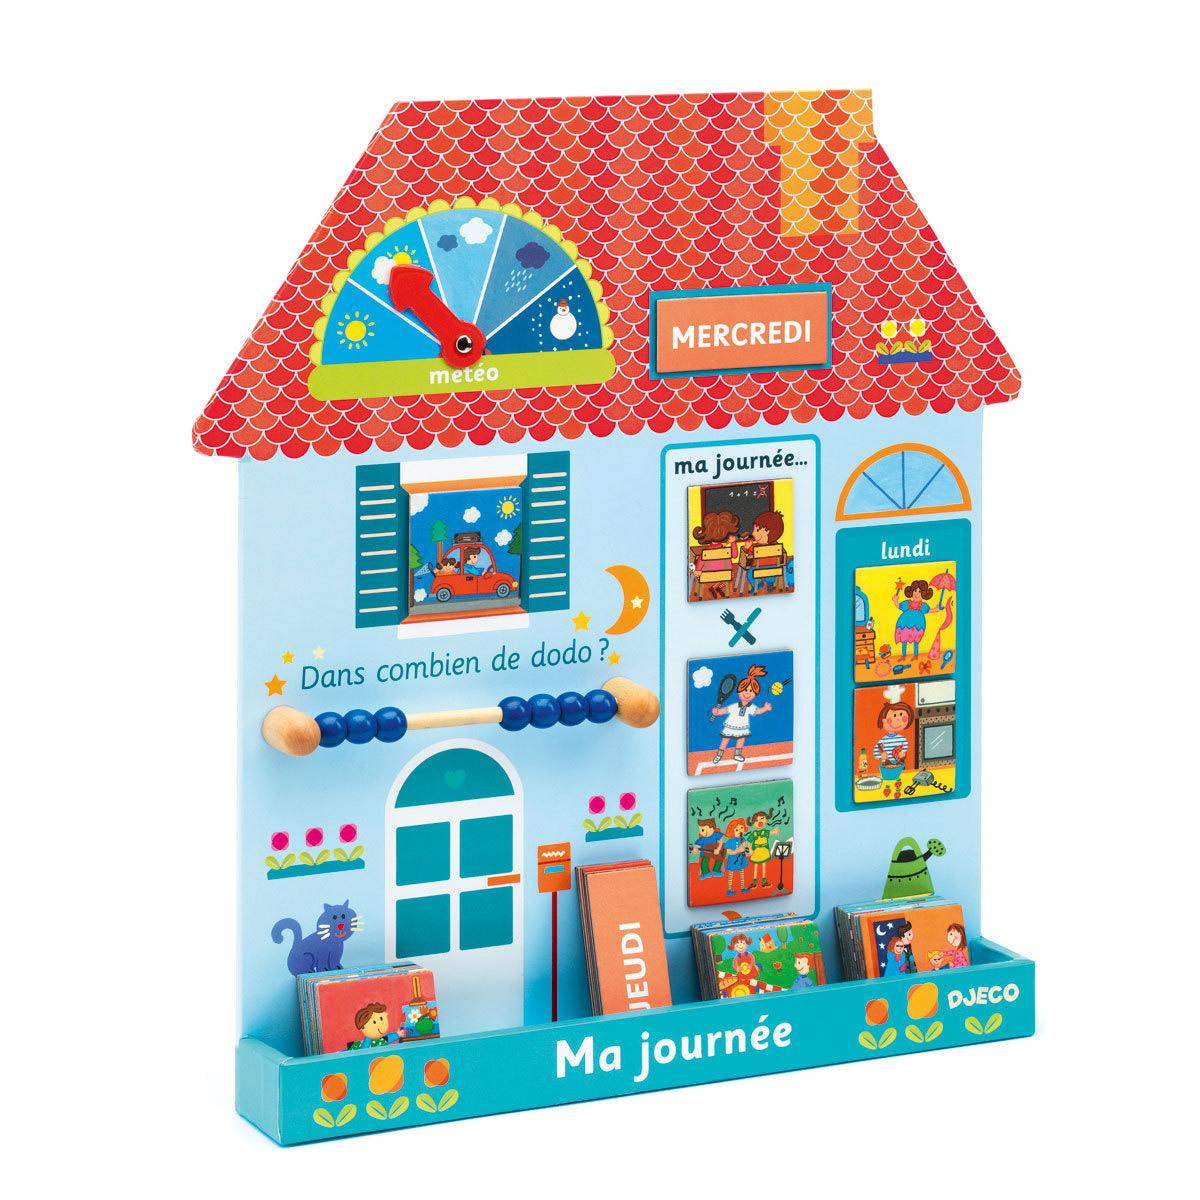 Mes premiers jouets Eduludo Ma Journée Maison Eduludo Ma Journée Maison